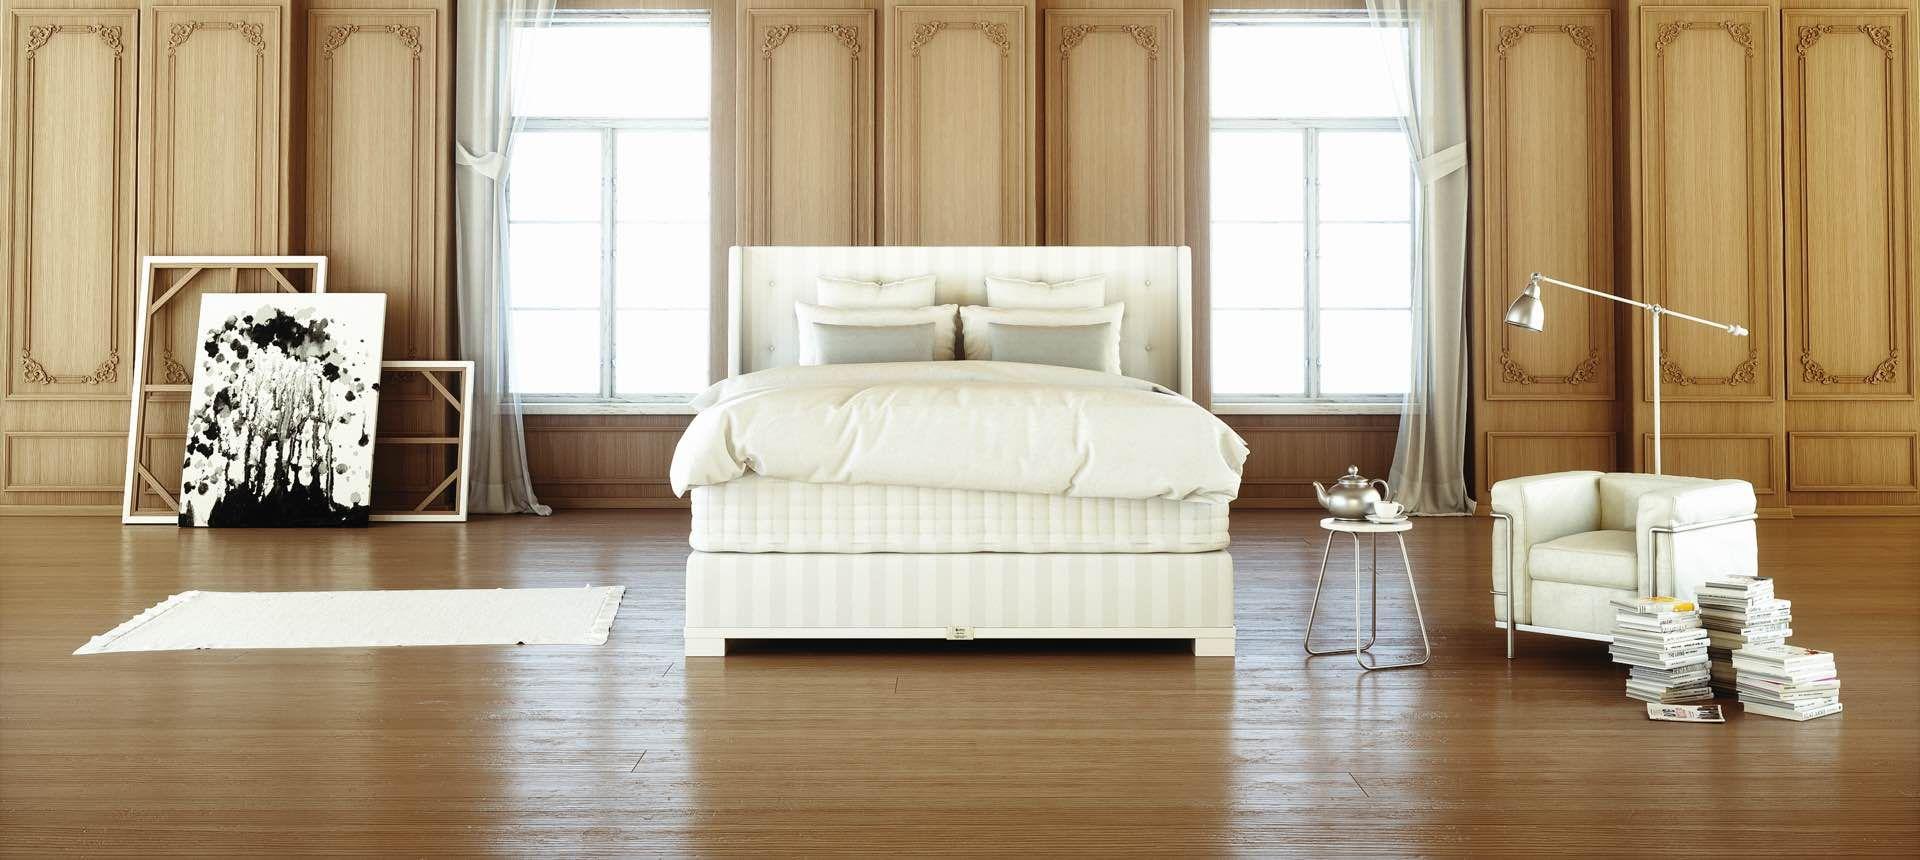 Pauly Beds Grace En 2020 Decoration Maison Magasin Literie Decoration Interieure